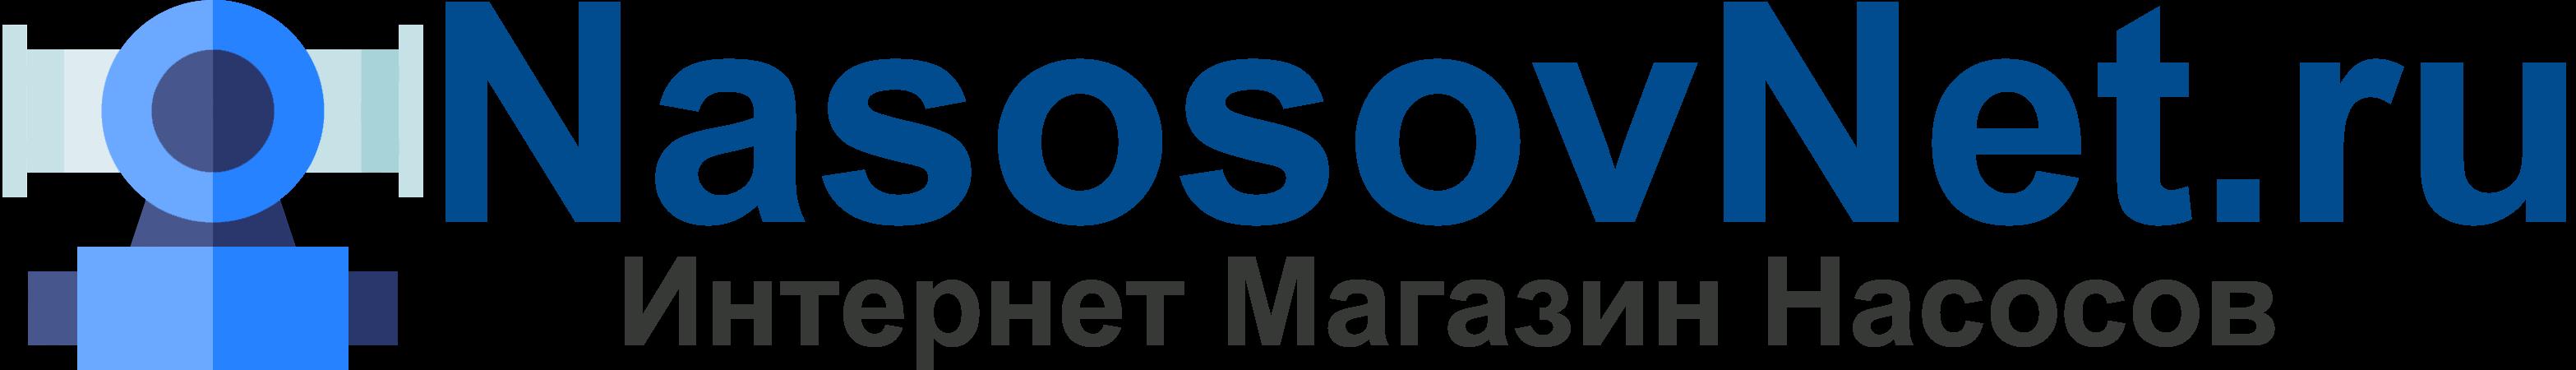 Интернет магазин Насосов